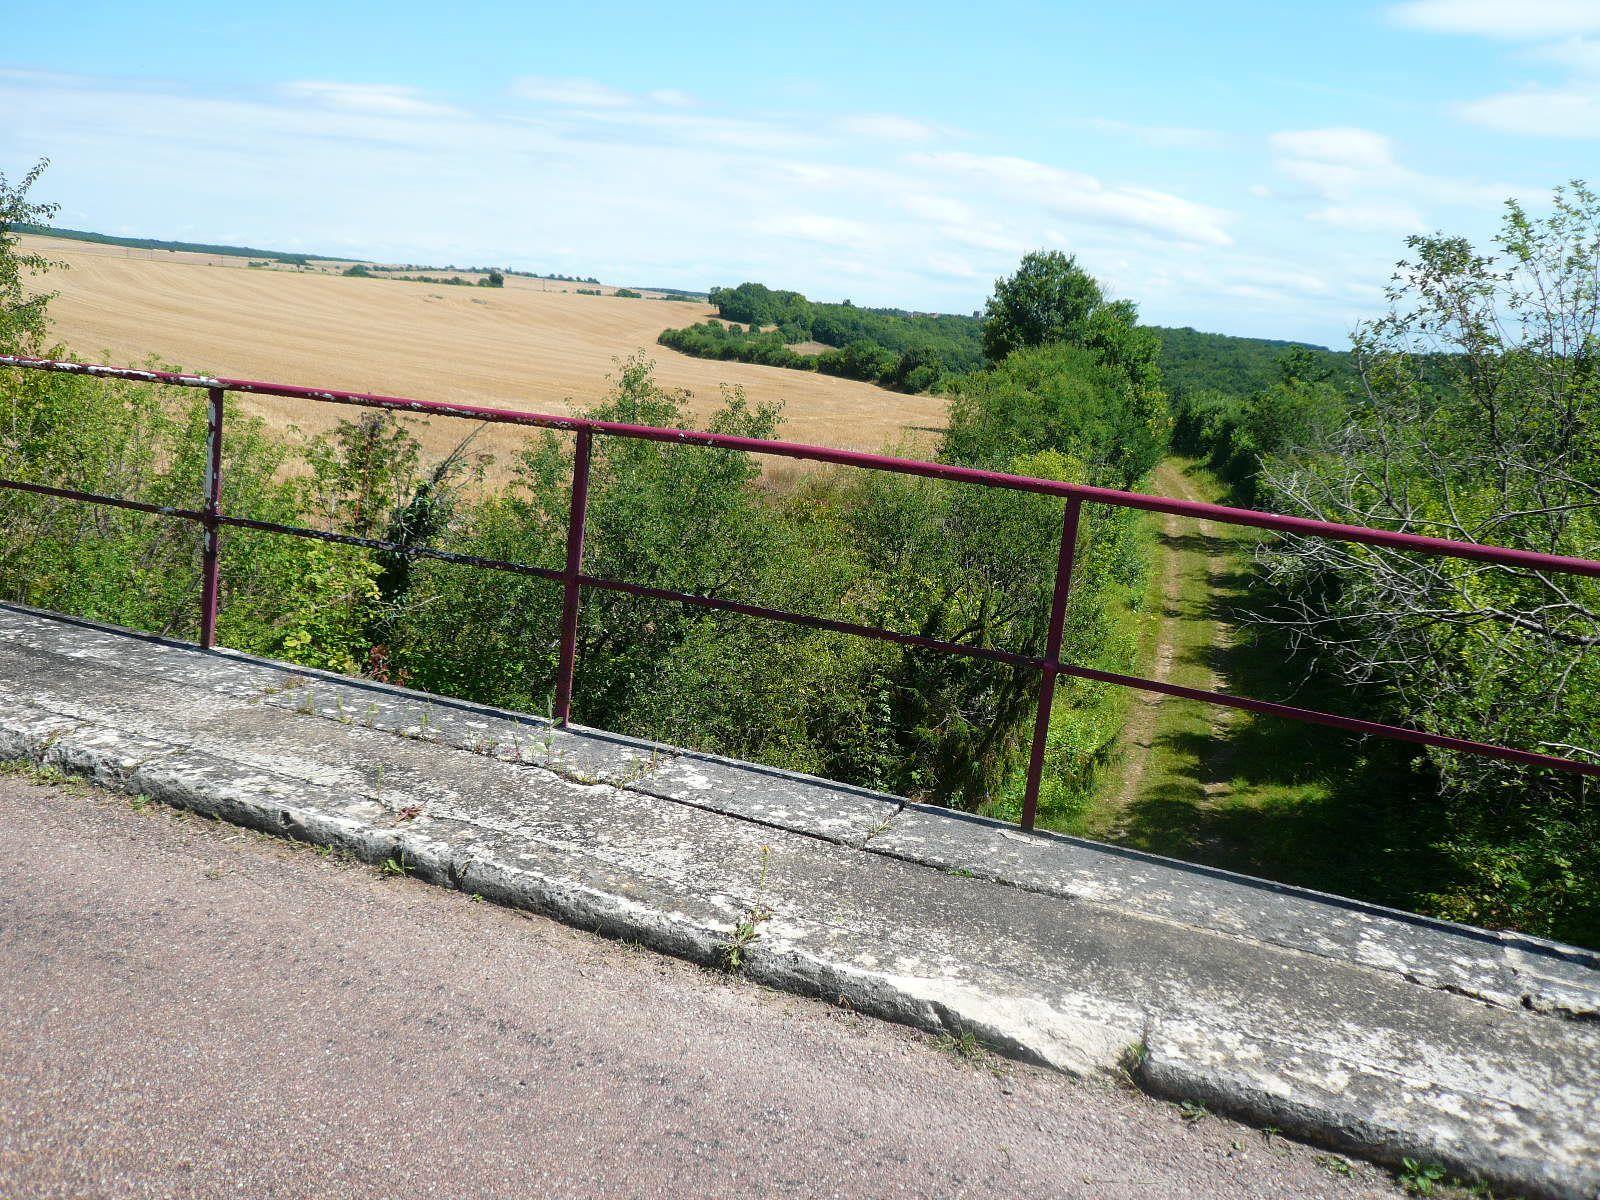 Bar le Duc, St Dizier, Troyes, Auxerre, Bourges à vélo